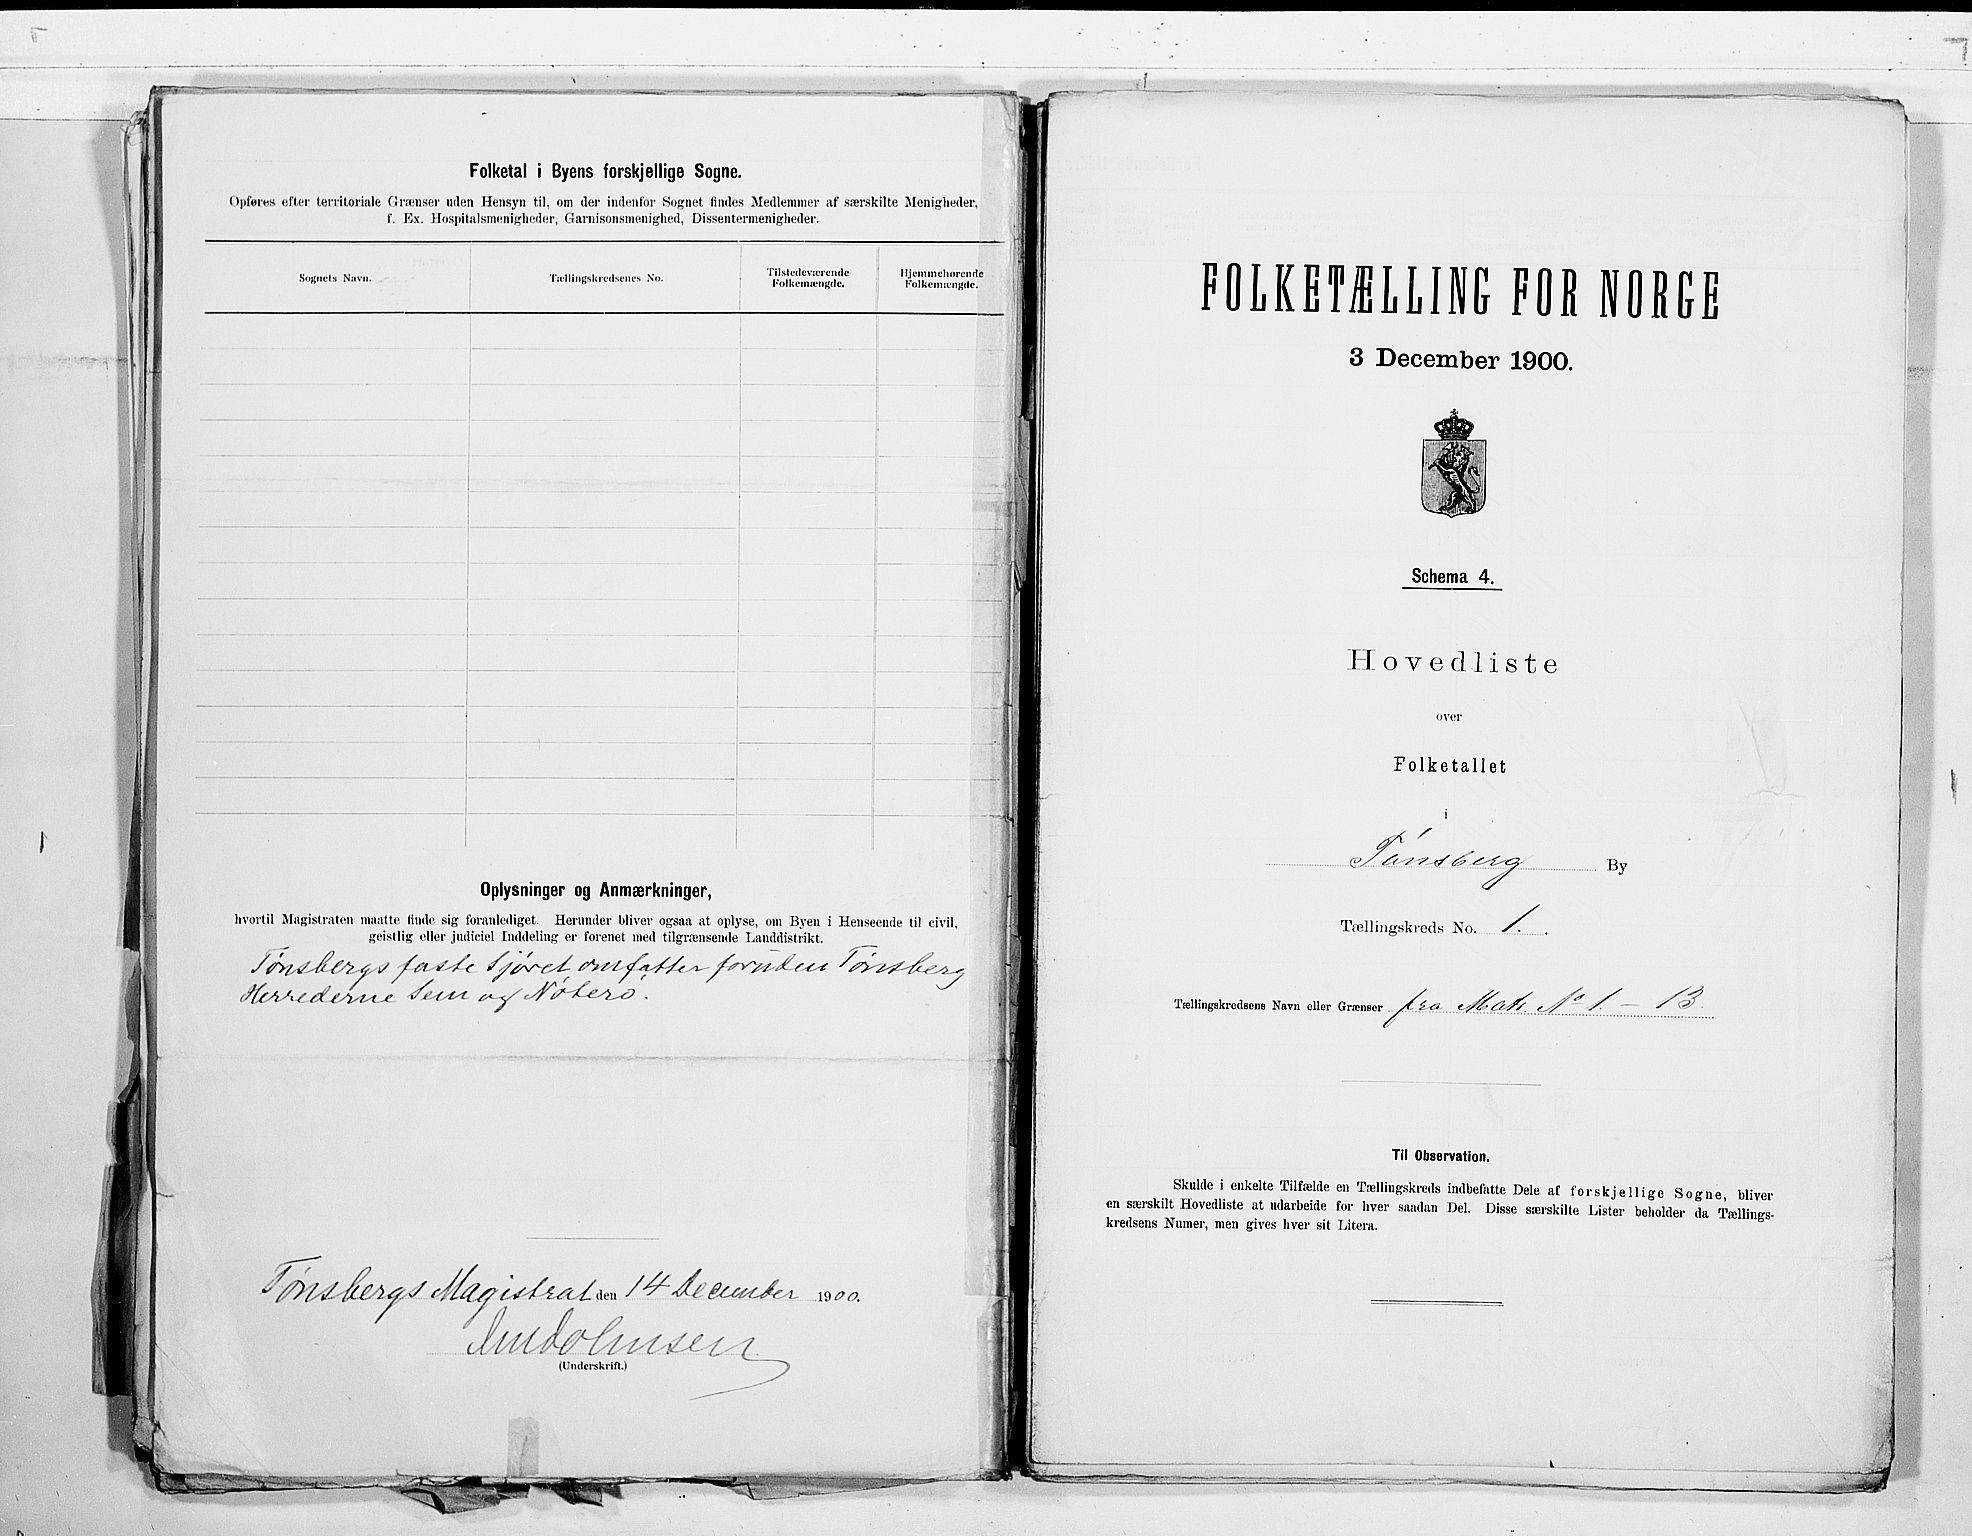 RA, Folketelling 1900 for 0705 Tønsberg kjøpstad, 1900, s. 4